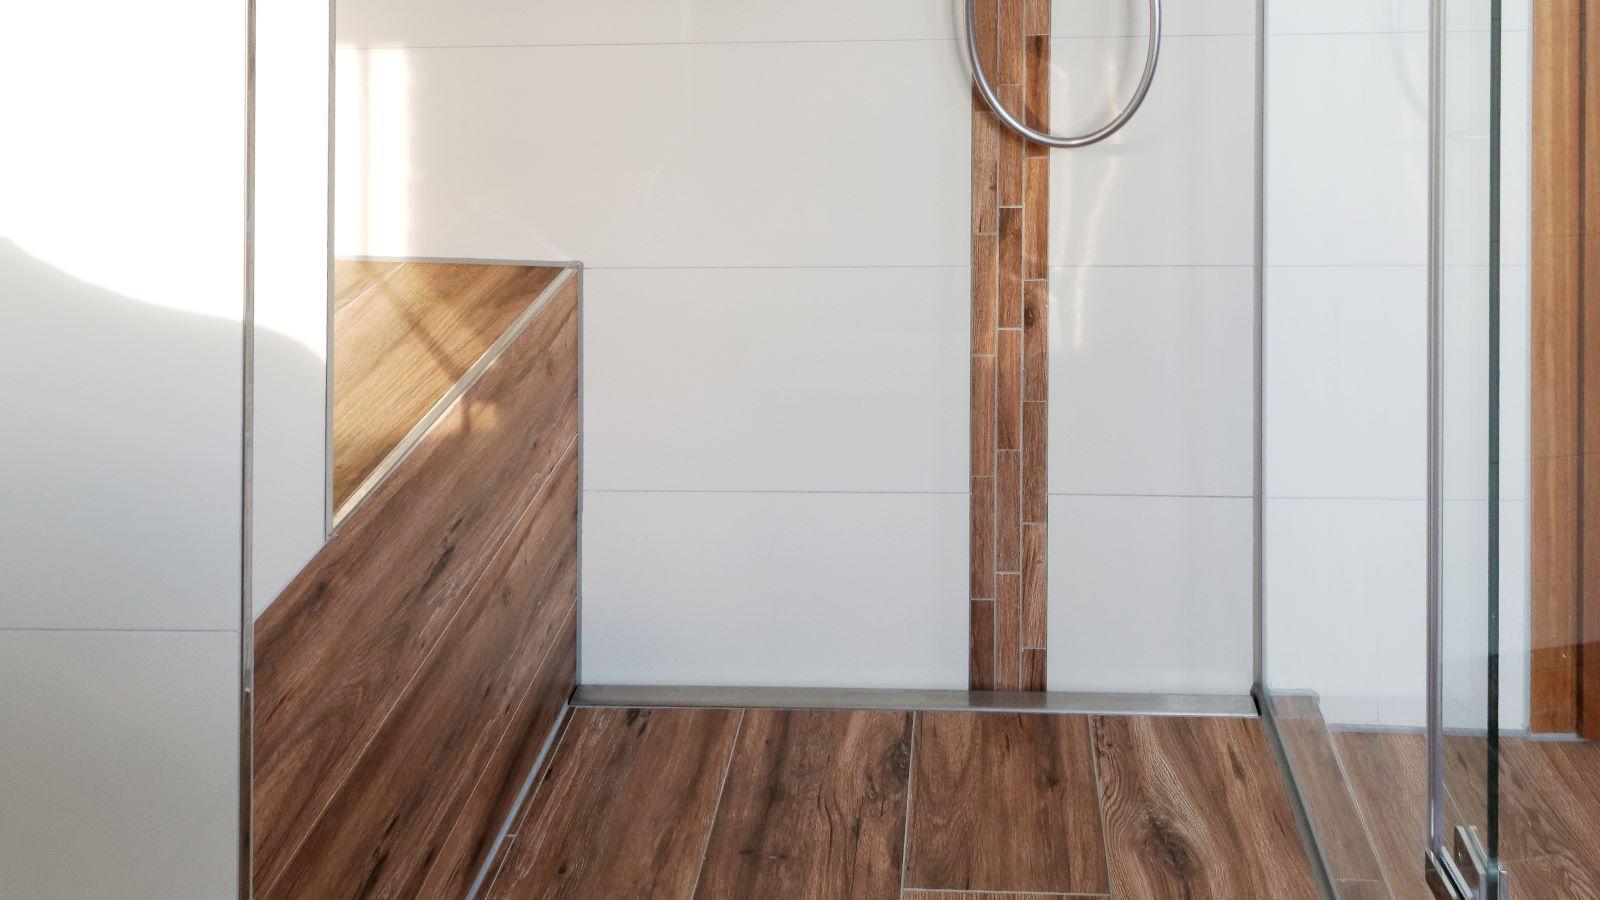 Abgebildet ist die in einer grossen, barrierefreien dusche mit sitzbank wandbuendig montierte , sehr lange v4a edelstahl-duschrinne pro in kombination mit grossformatigen, pflegeleichten fliesen. Cm-genau massgefertigt bis 600 cm laenge laesst sich die duschrinne pro einfach zwischen der sitzbank und der glasduschabtrennung montieren. Die hier gezeigte, sehr lange variante der duschrinne pro ermoeglicht eine sehr gute linienentwaesserung der ebenerdigen dusche.